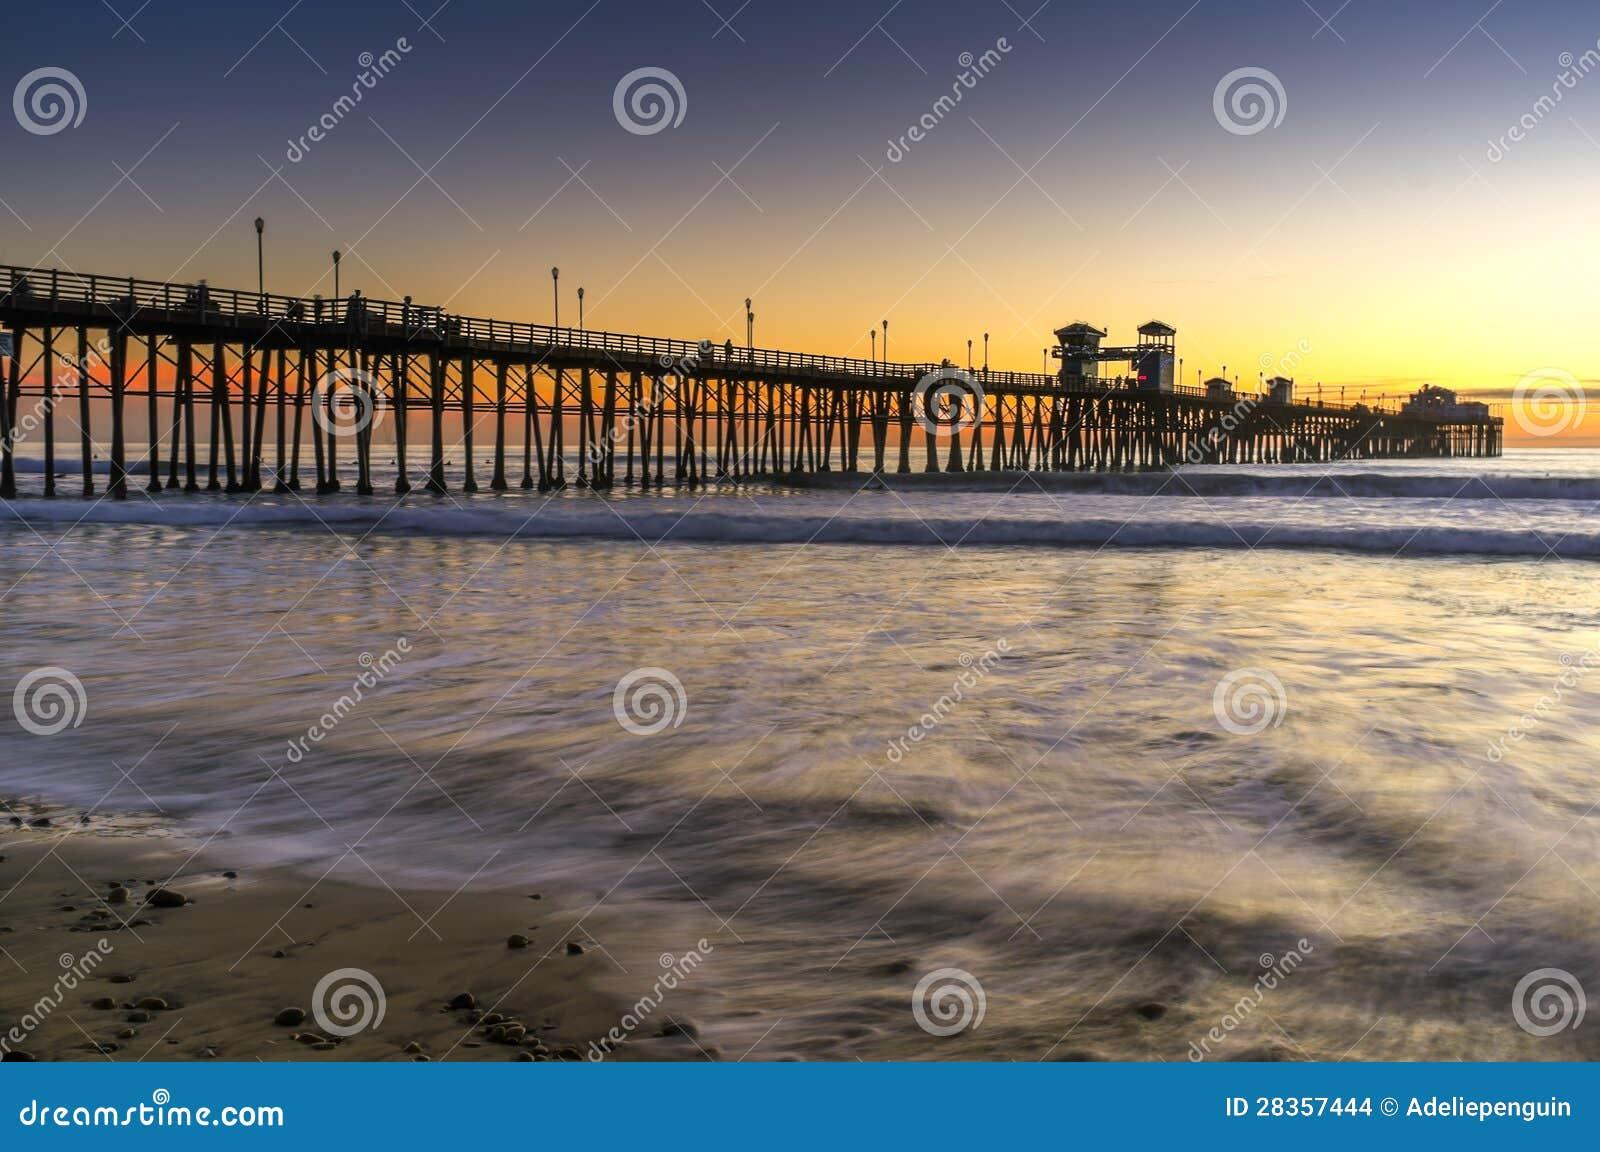 Pier at Sunset, Oceanside California